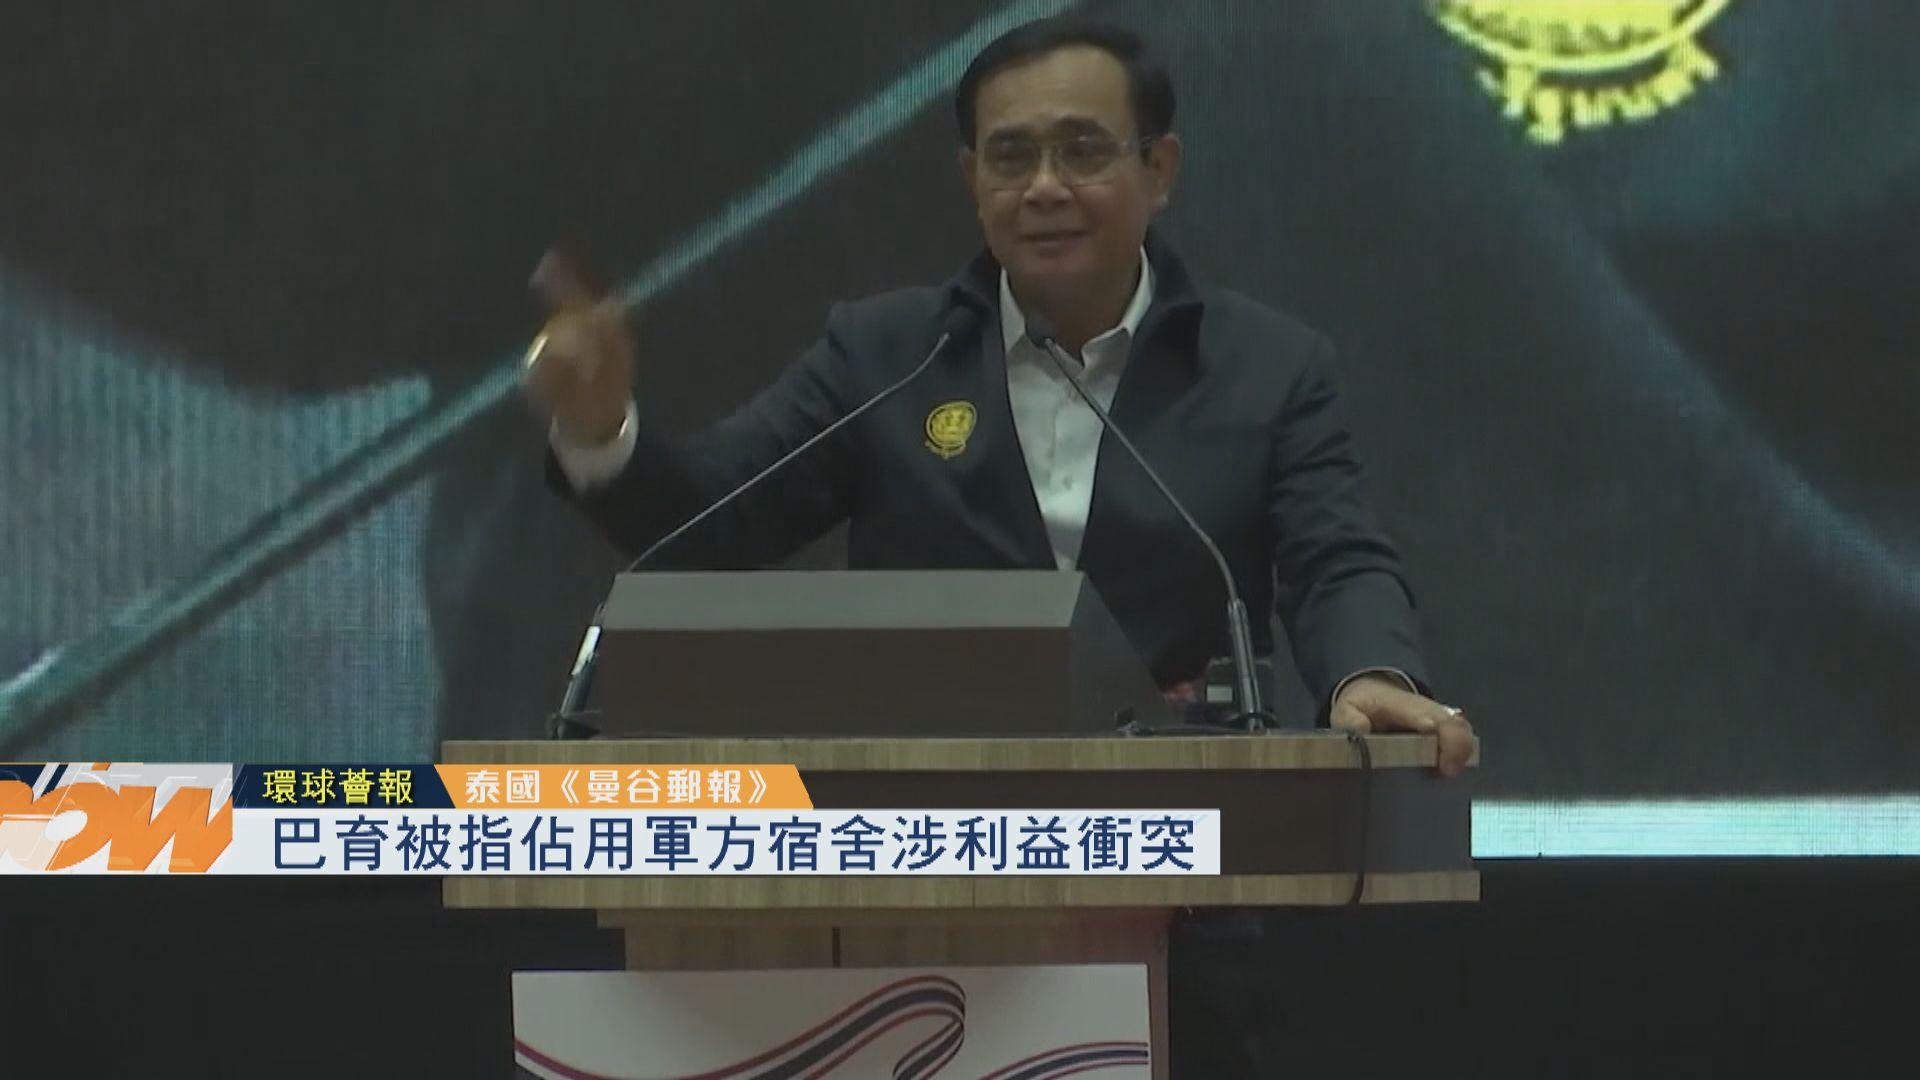 【環球薈報】泰總理被指佔用軍方宿舍涉利益衝突